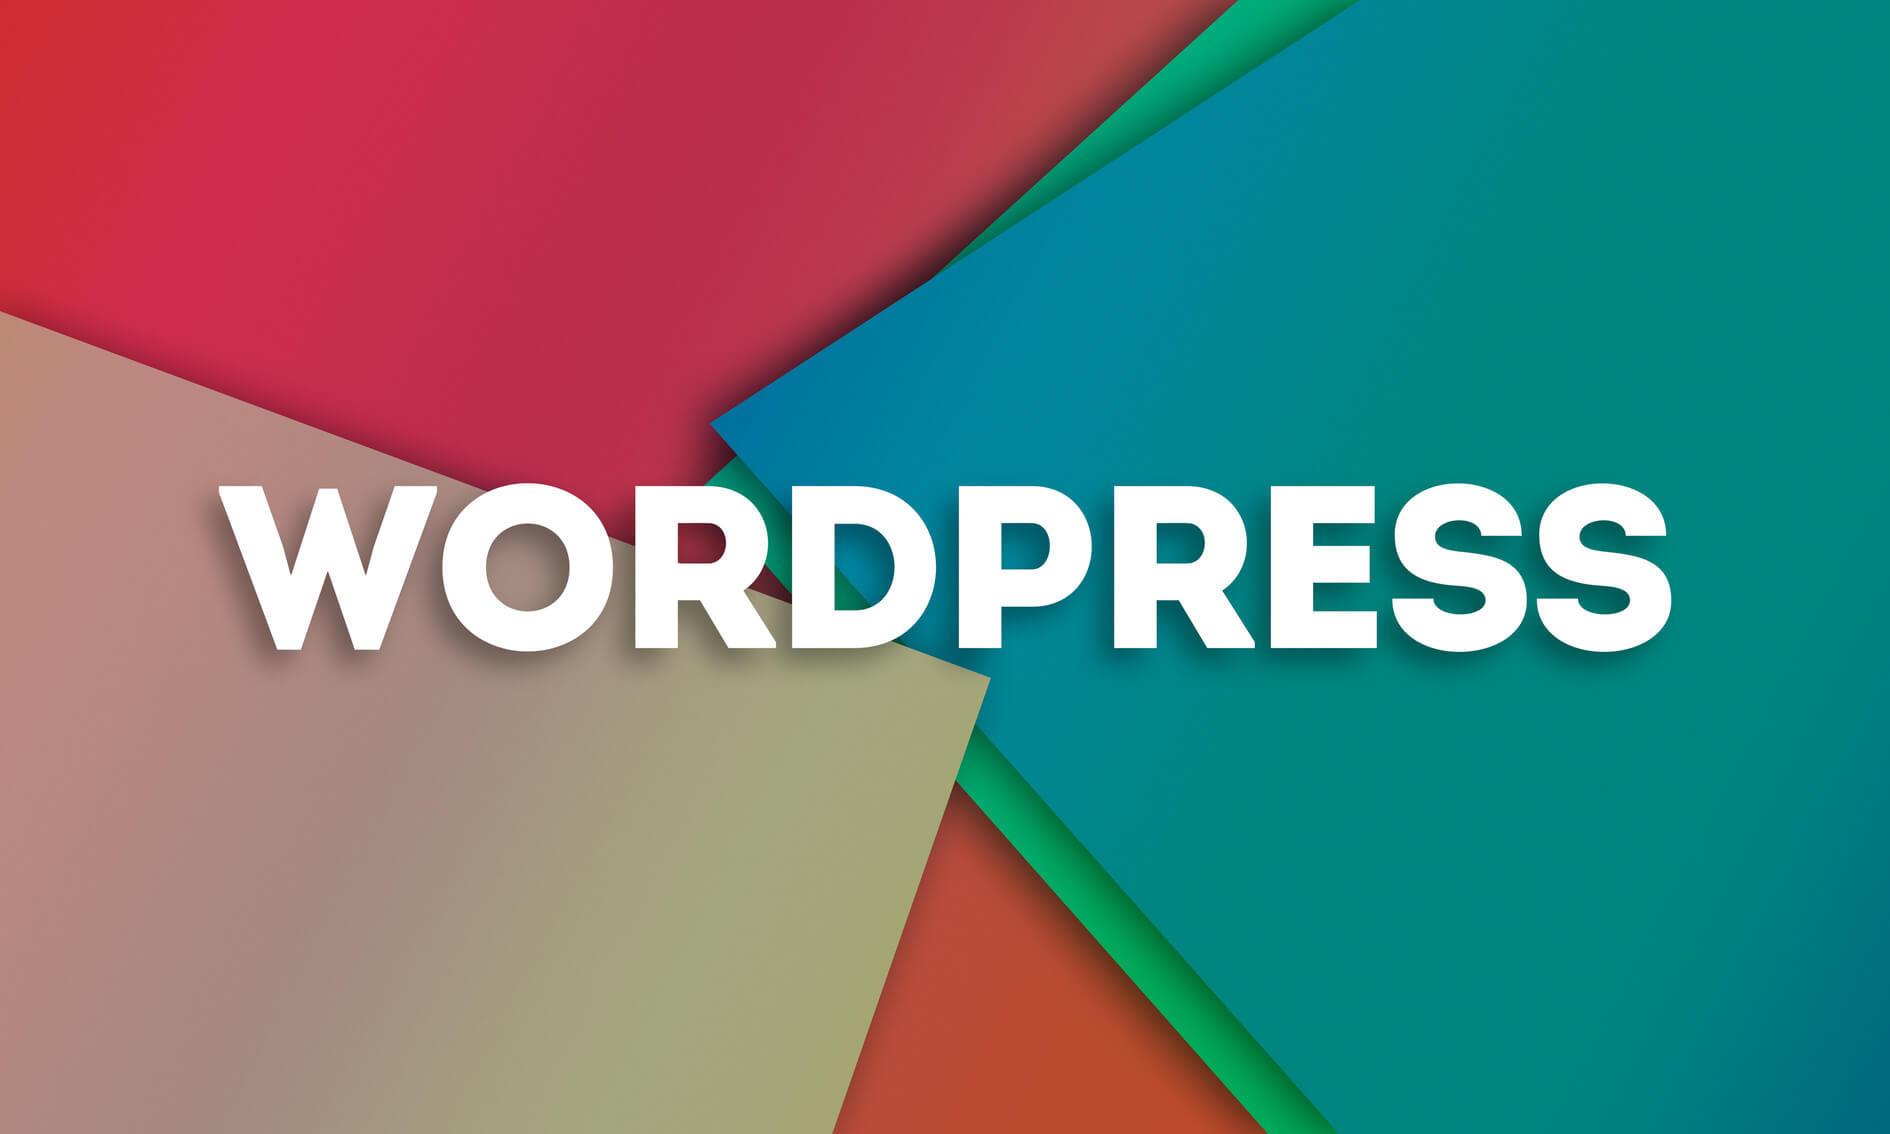 WordPressとWebフレームワークの違いって何?